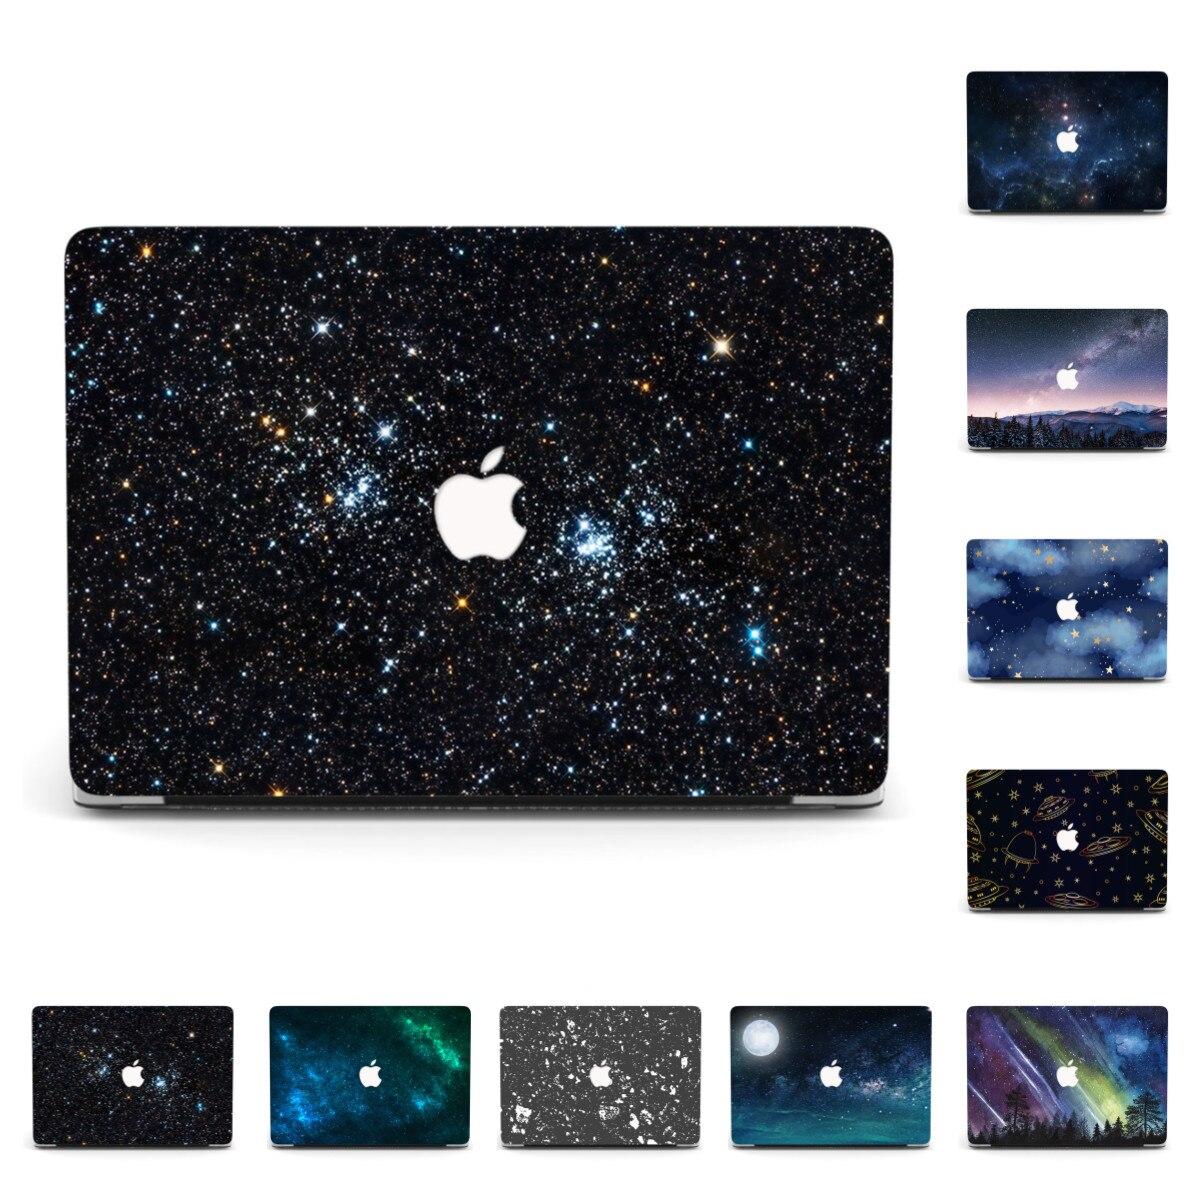 Casca dura caso do portátil para macbook air pro 13 polegada a1706 a1989 a2159 novo ar a1932 a2179 2020 pro a2289 a2251 pro 13 a1708 capa|Bolsas e estojos p/ laptop|   -